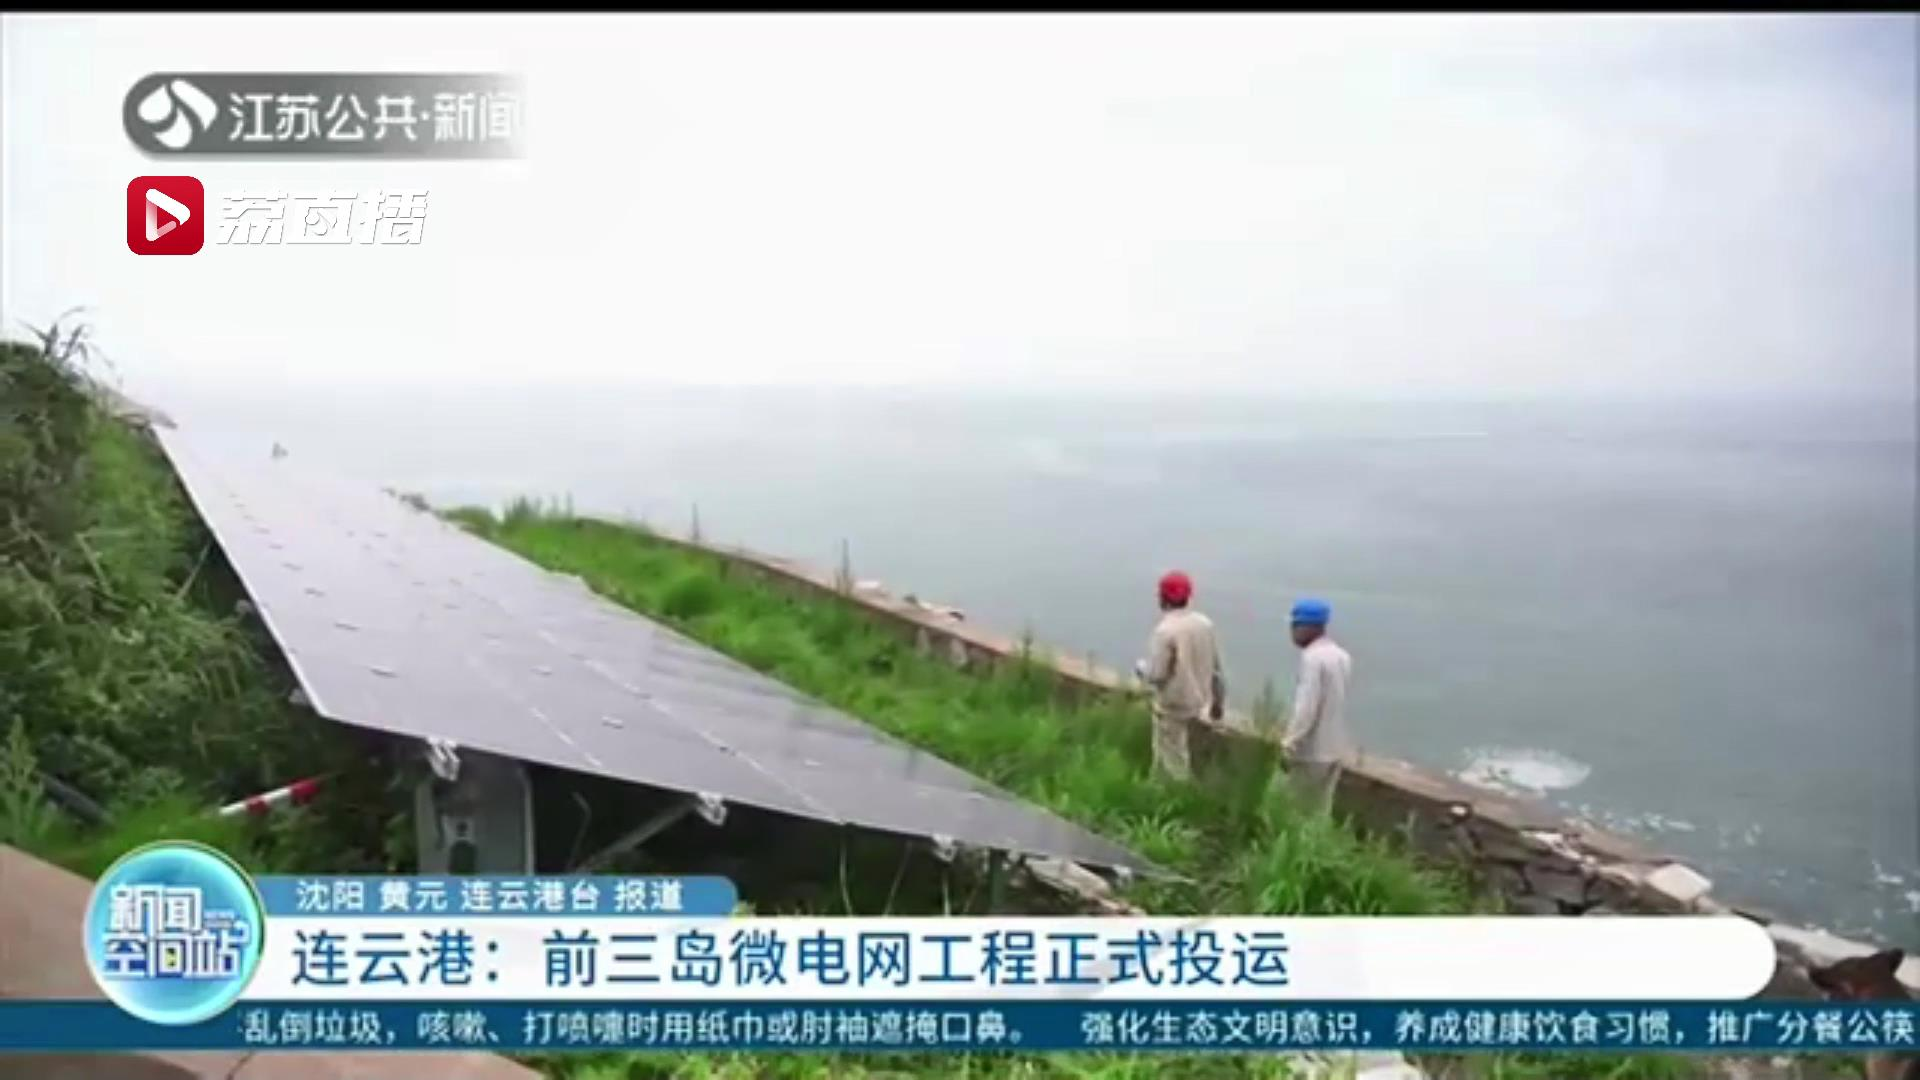 连云港前三岛微电网工程正式投运 江苏有人居住海岛实现稳定供电全覆盖